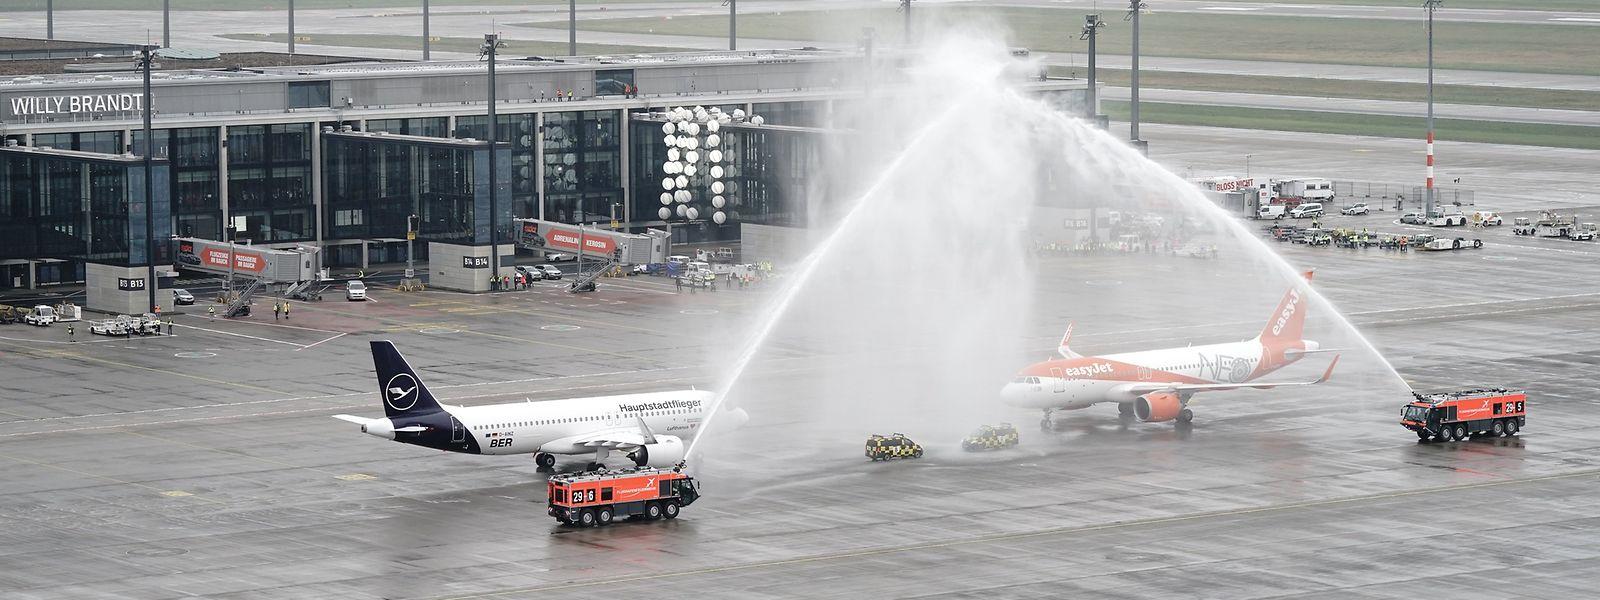 Flugzeuge der Fluggesellschaften Lufthansa und Easyjet stehen nach der Landung unter einer Wasserfontäne der Flughafen-Feuerwehr.